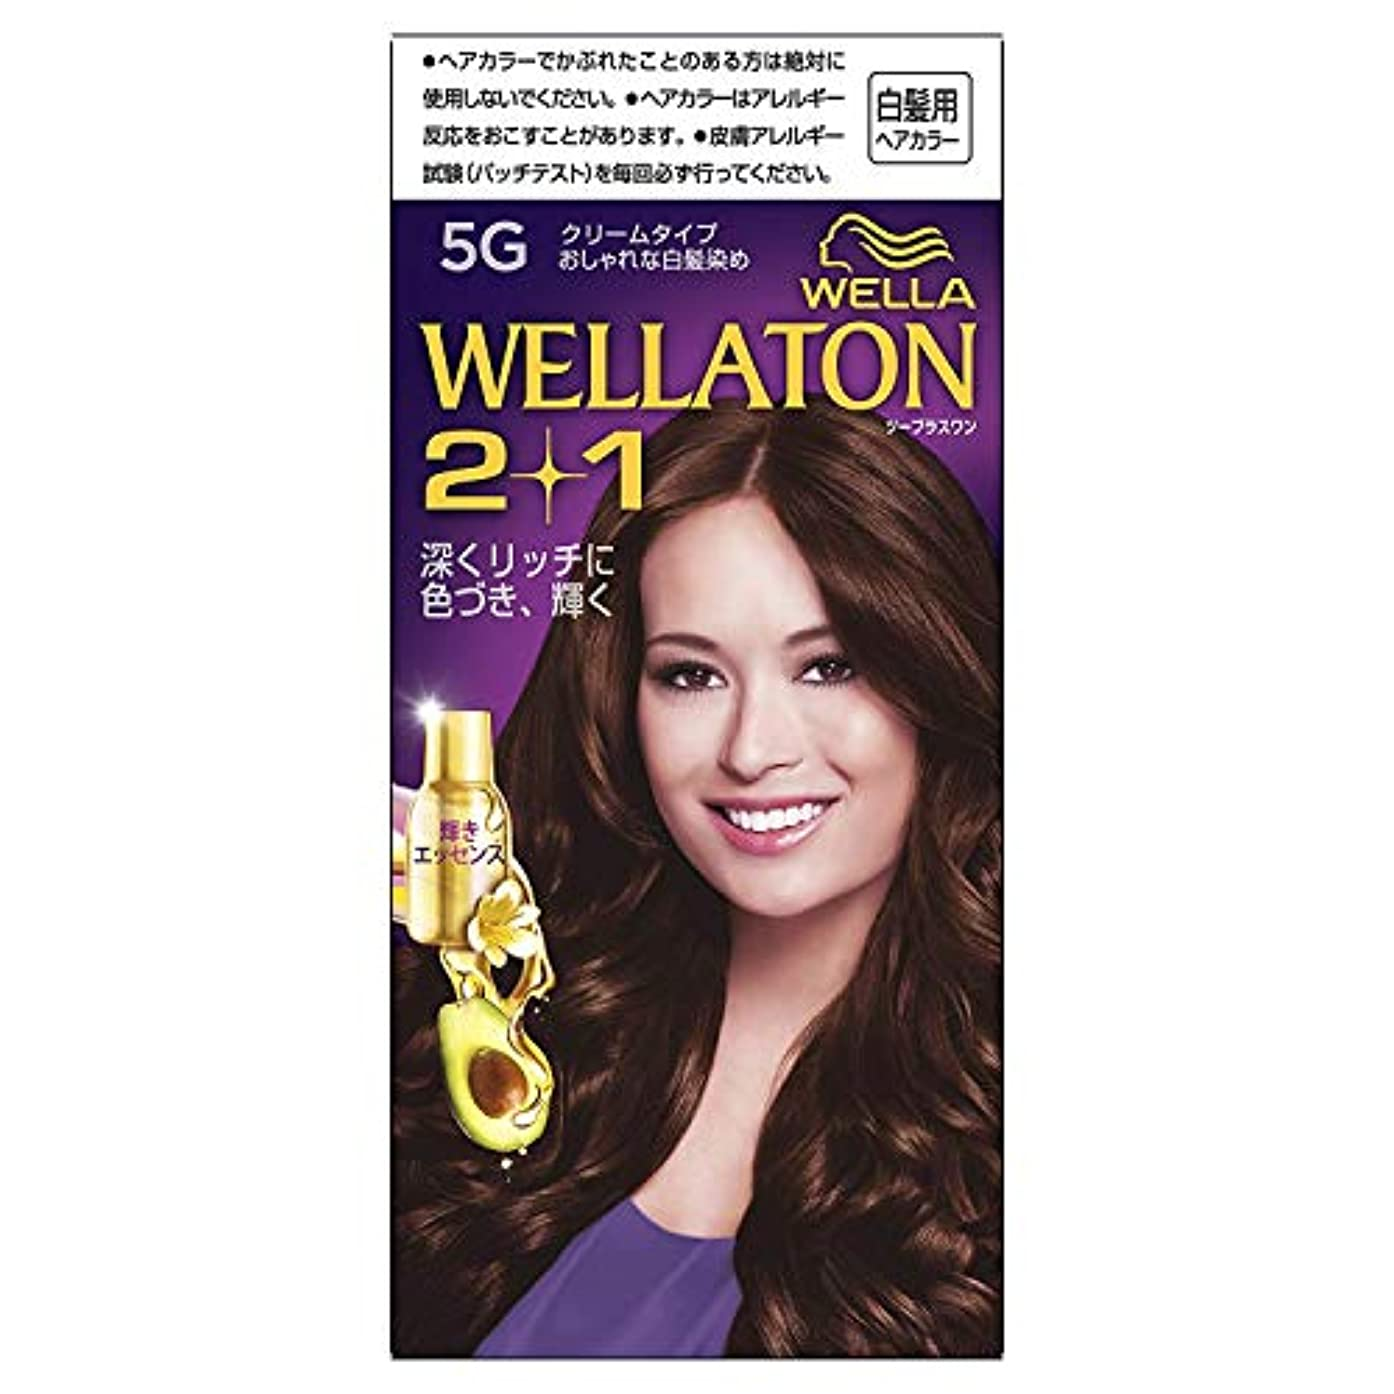 枠タヒチ呼びかけるウエラトーン2+1 クリームタイプ 5G [医薬部外品] ×3個